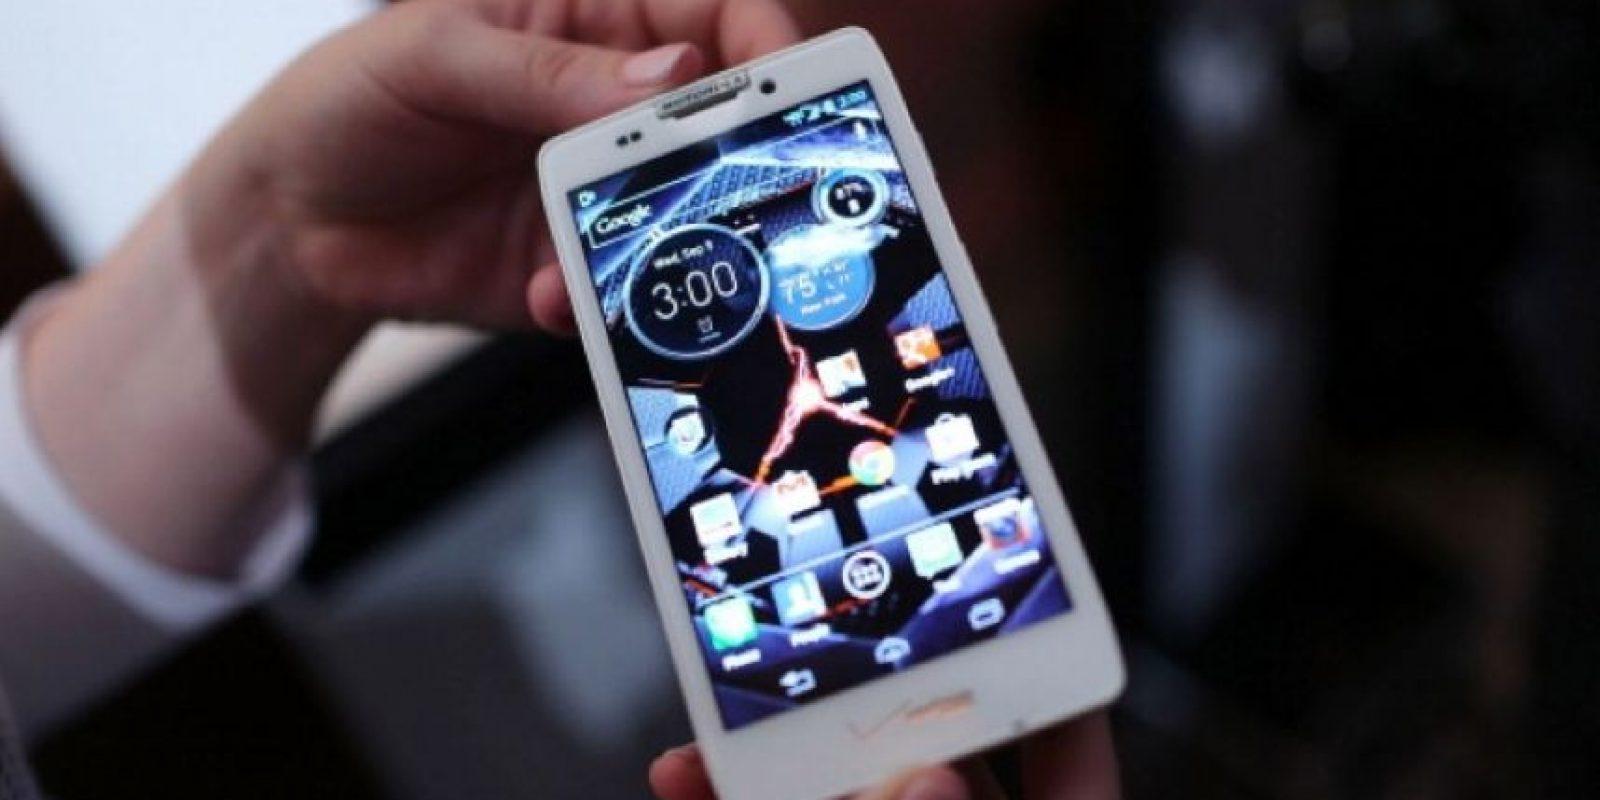 El robo de datos es posible mediante una aplicación instalada en el dispositivo. Foto:Getty Images